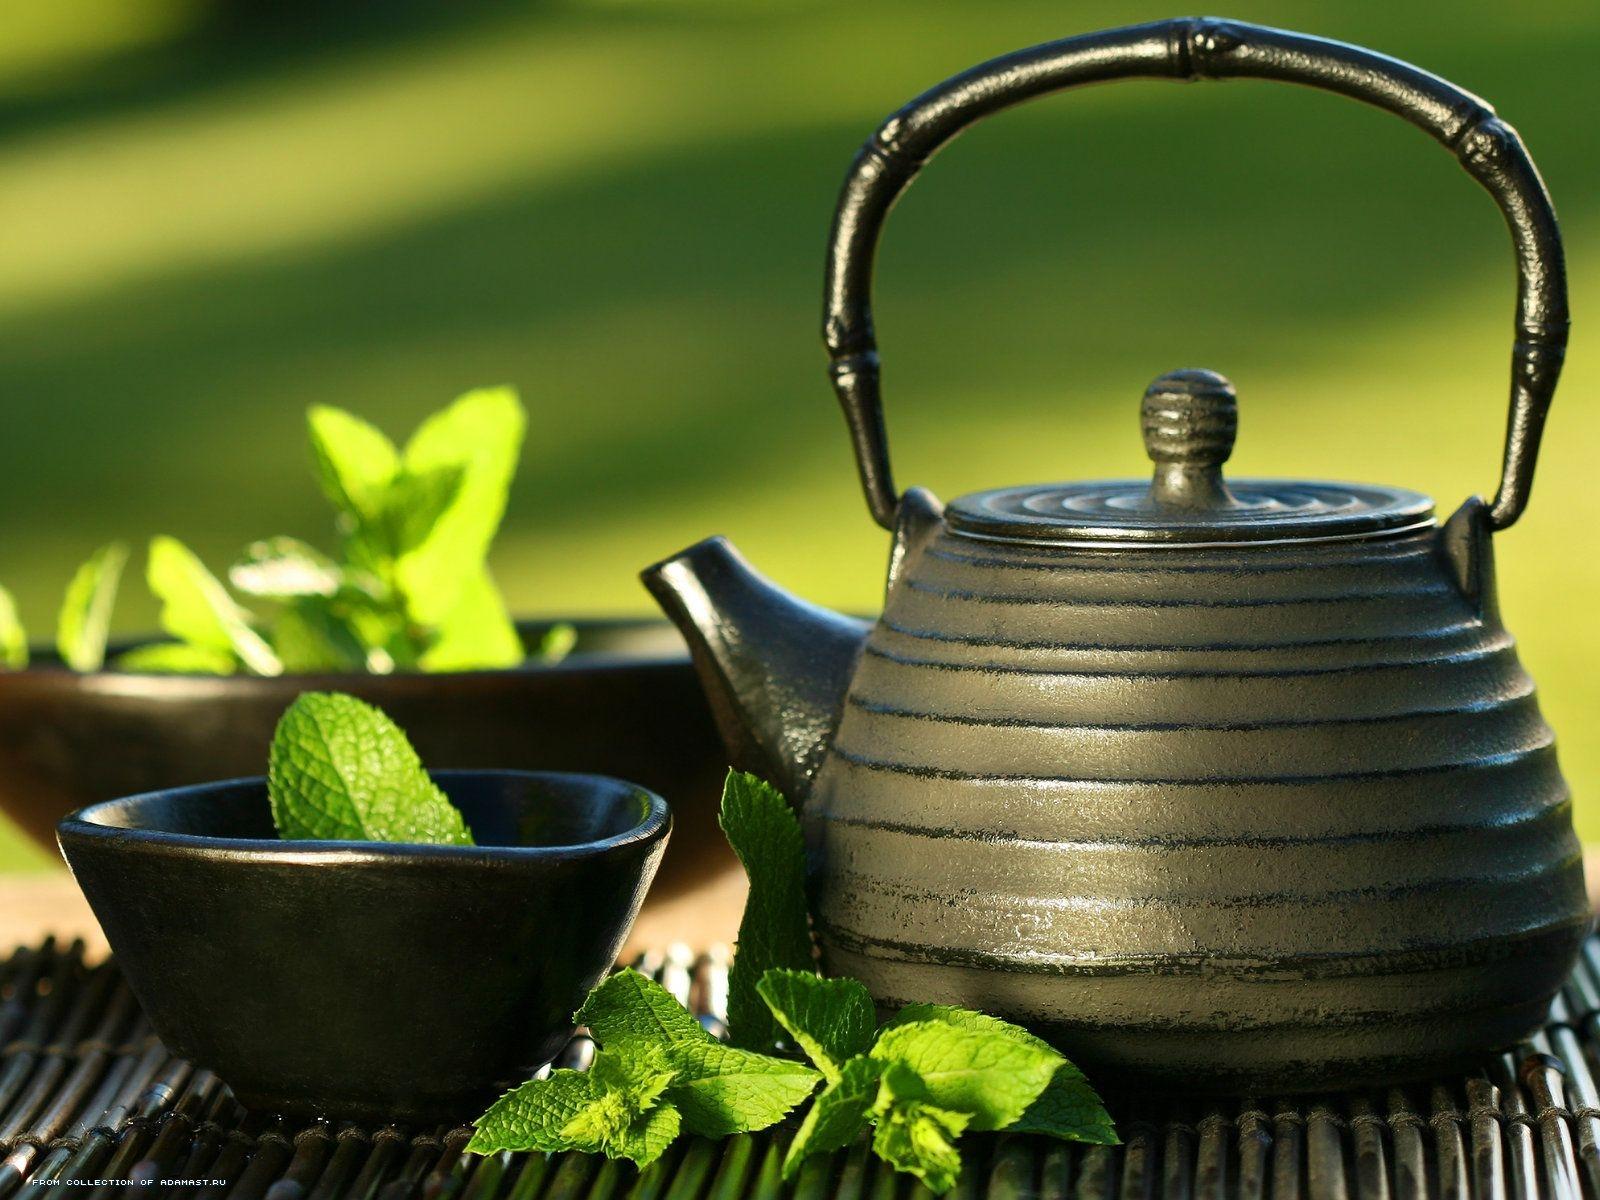 Китайский чай и вода, история и современность